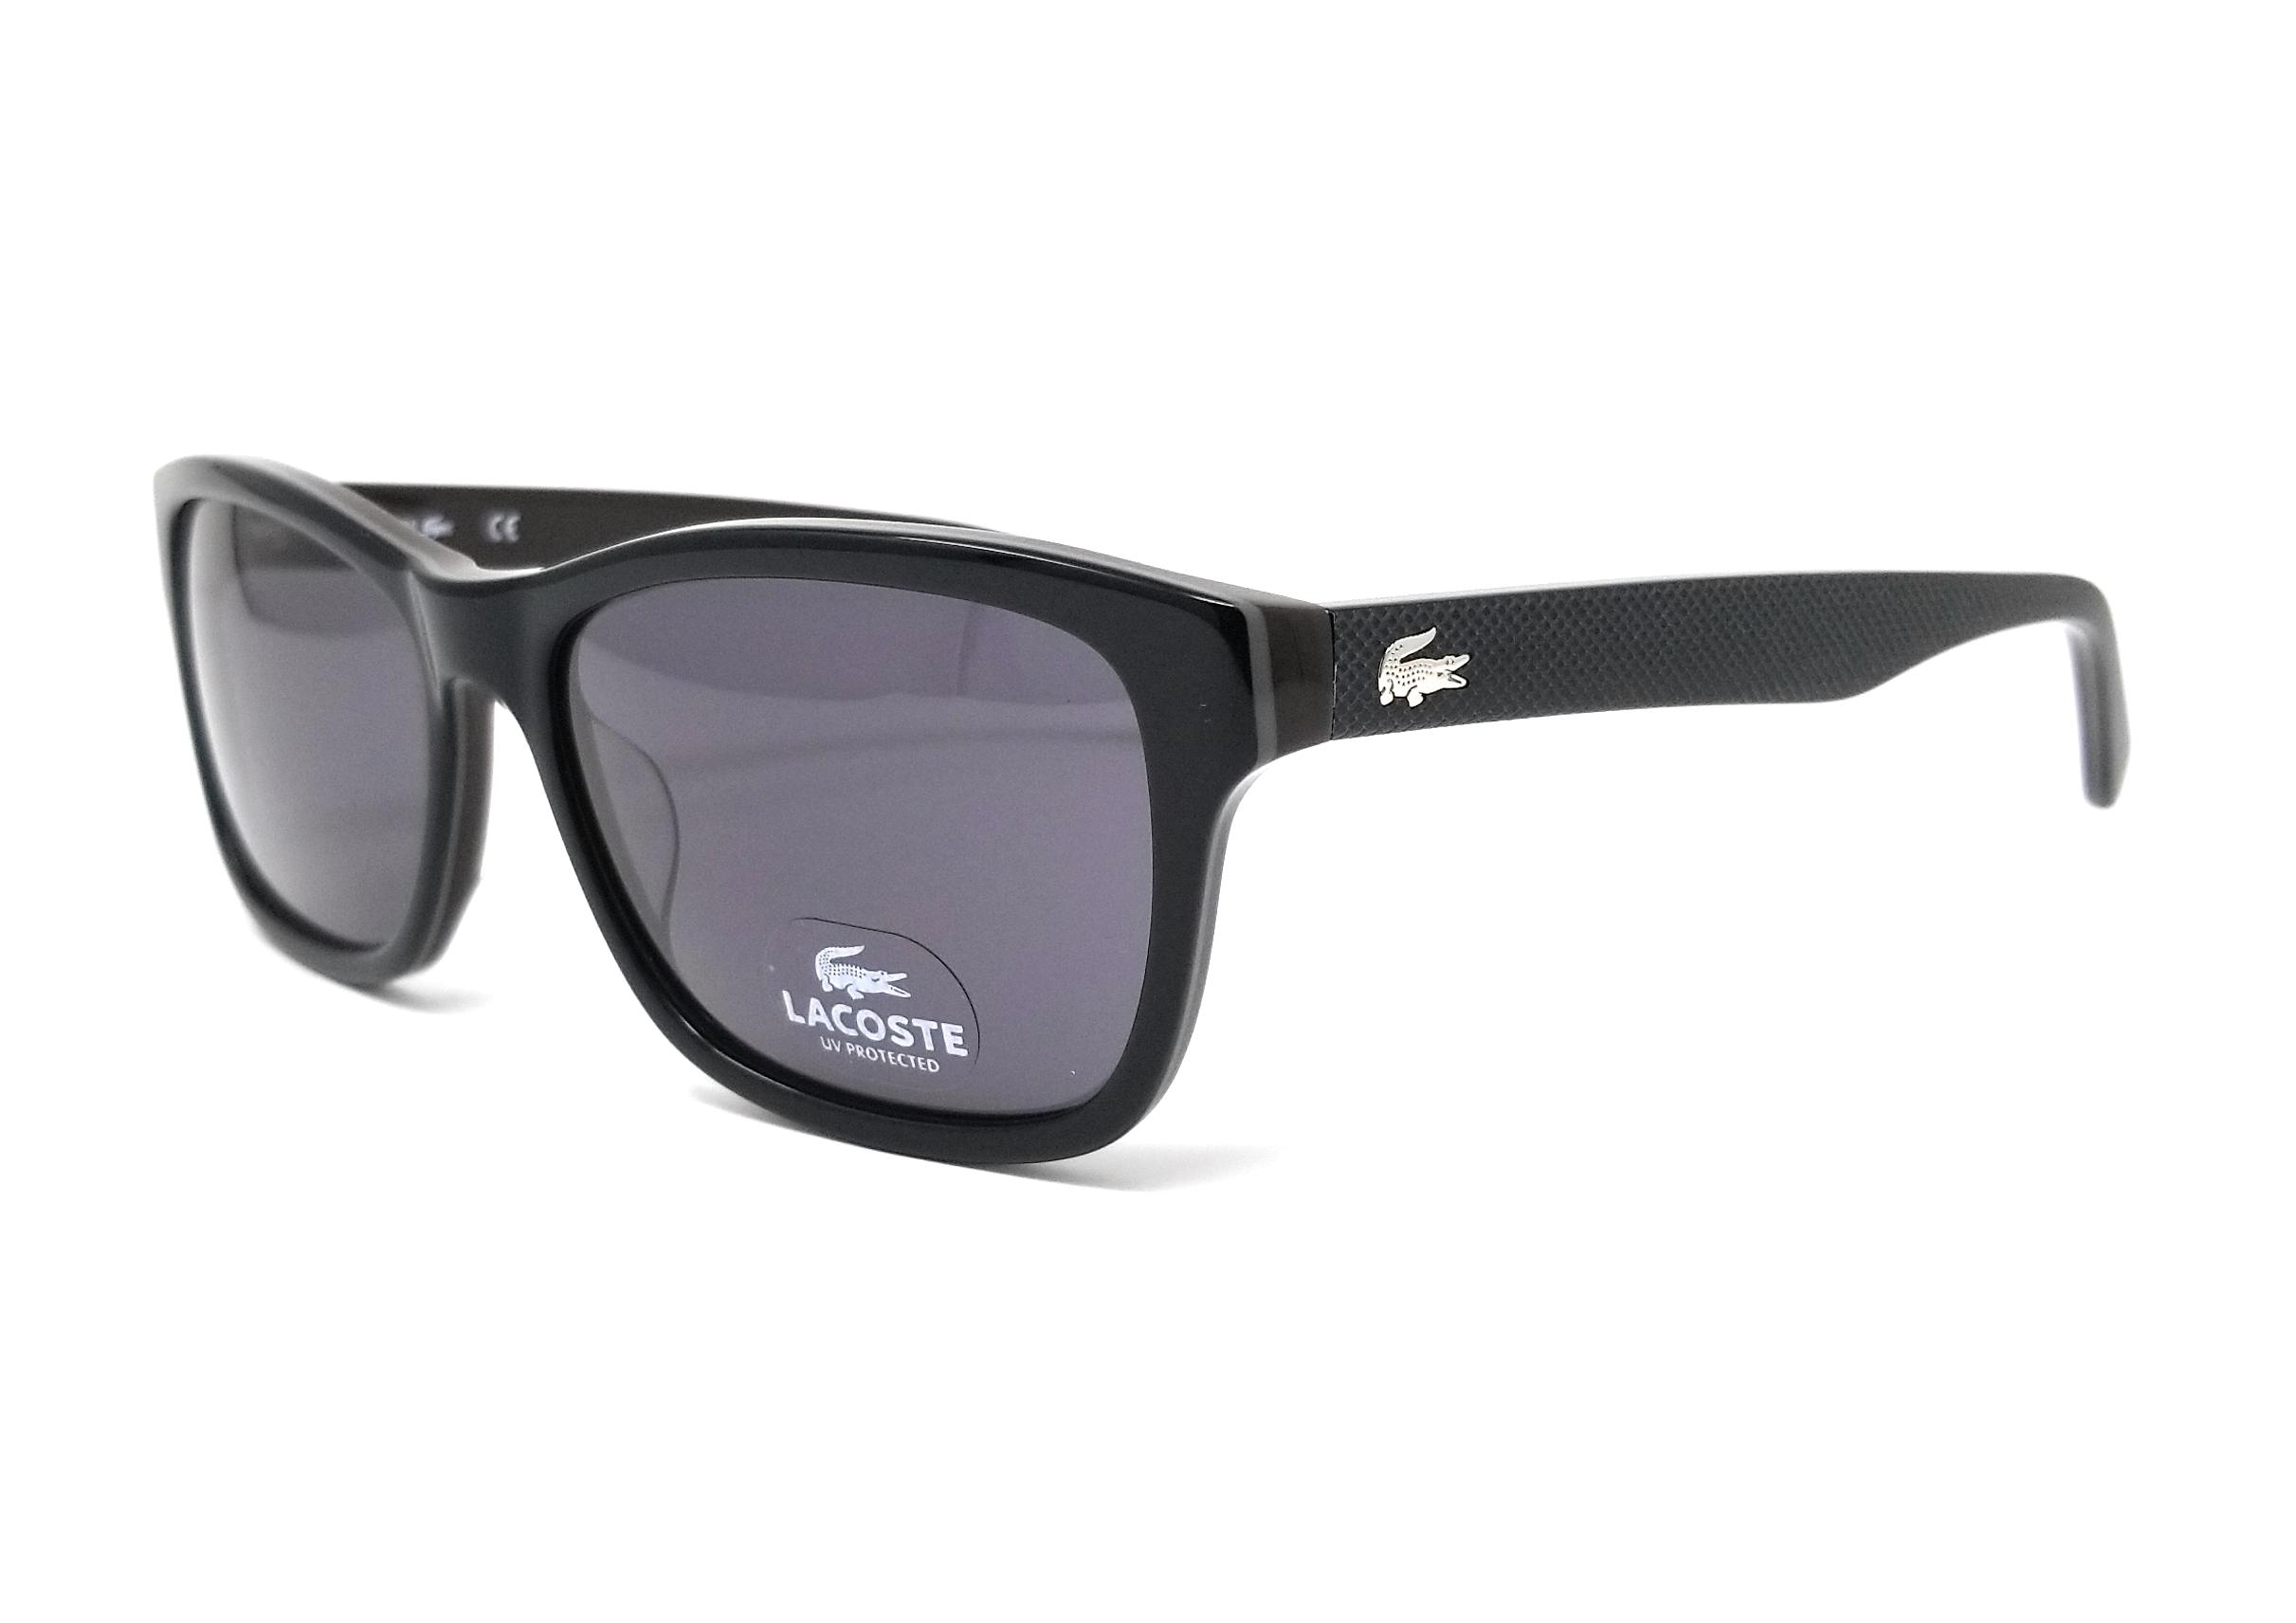 127efe5fe7dd Details about LACOSTE Sunglasses L683S 001 Black Square Unisex 55x16x140